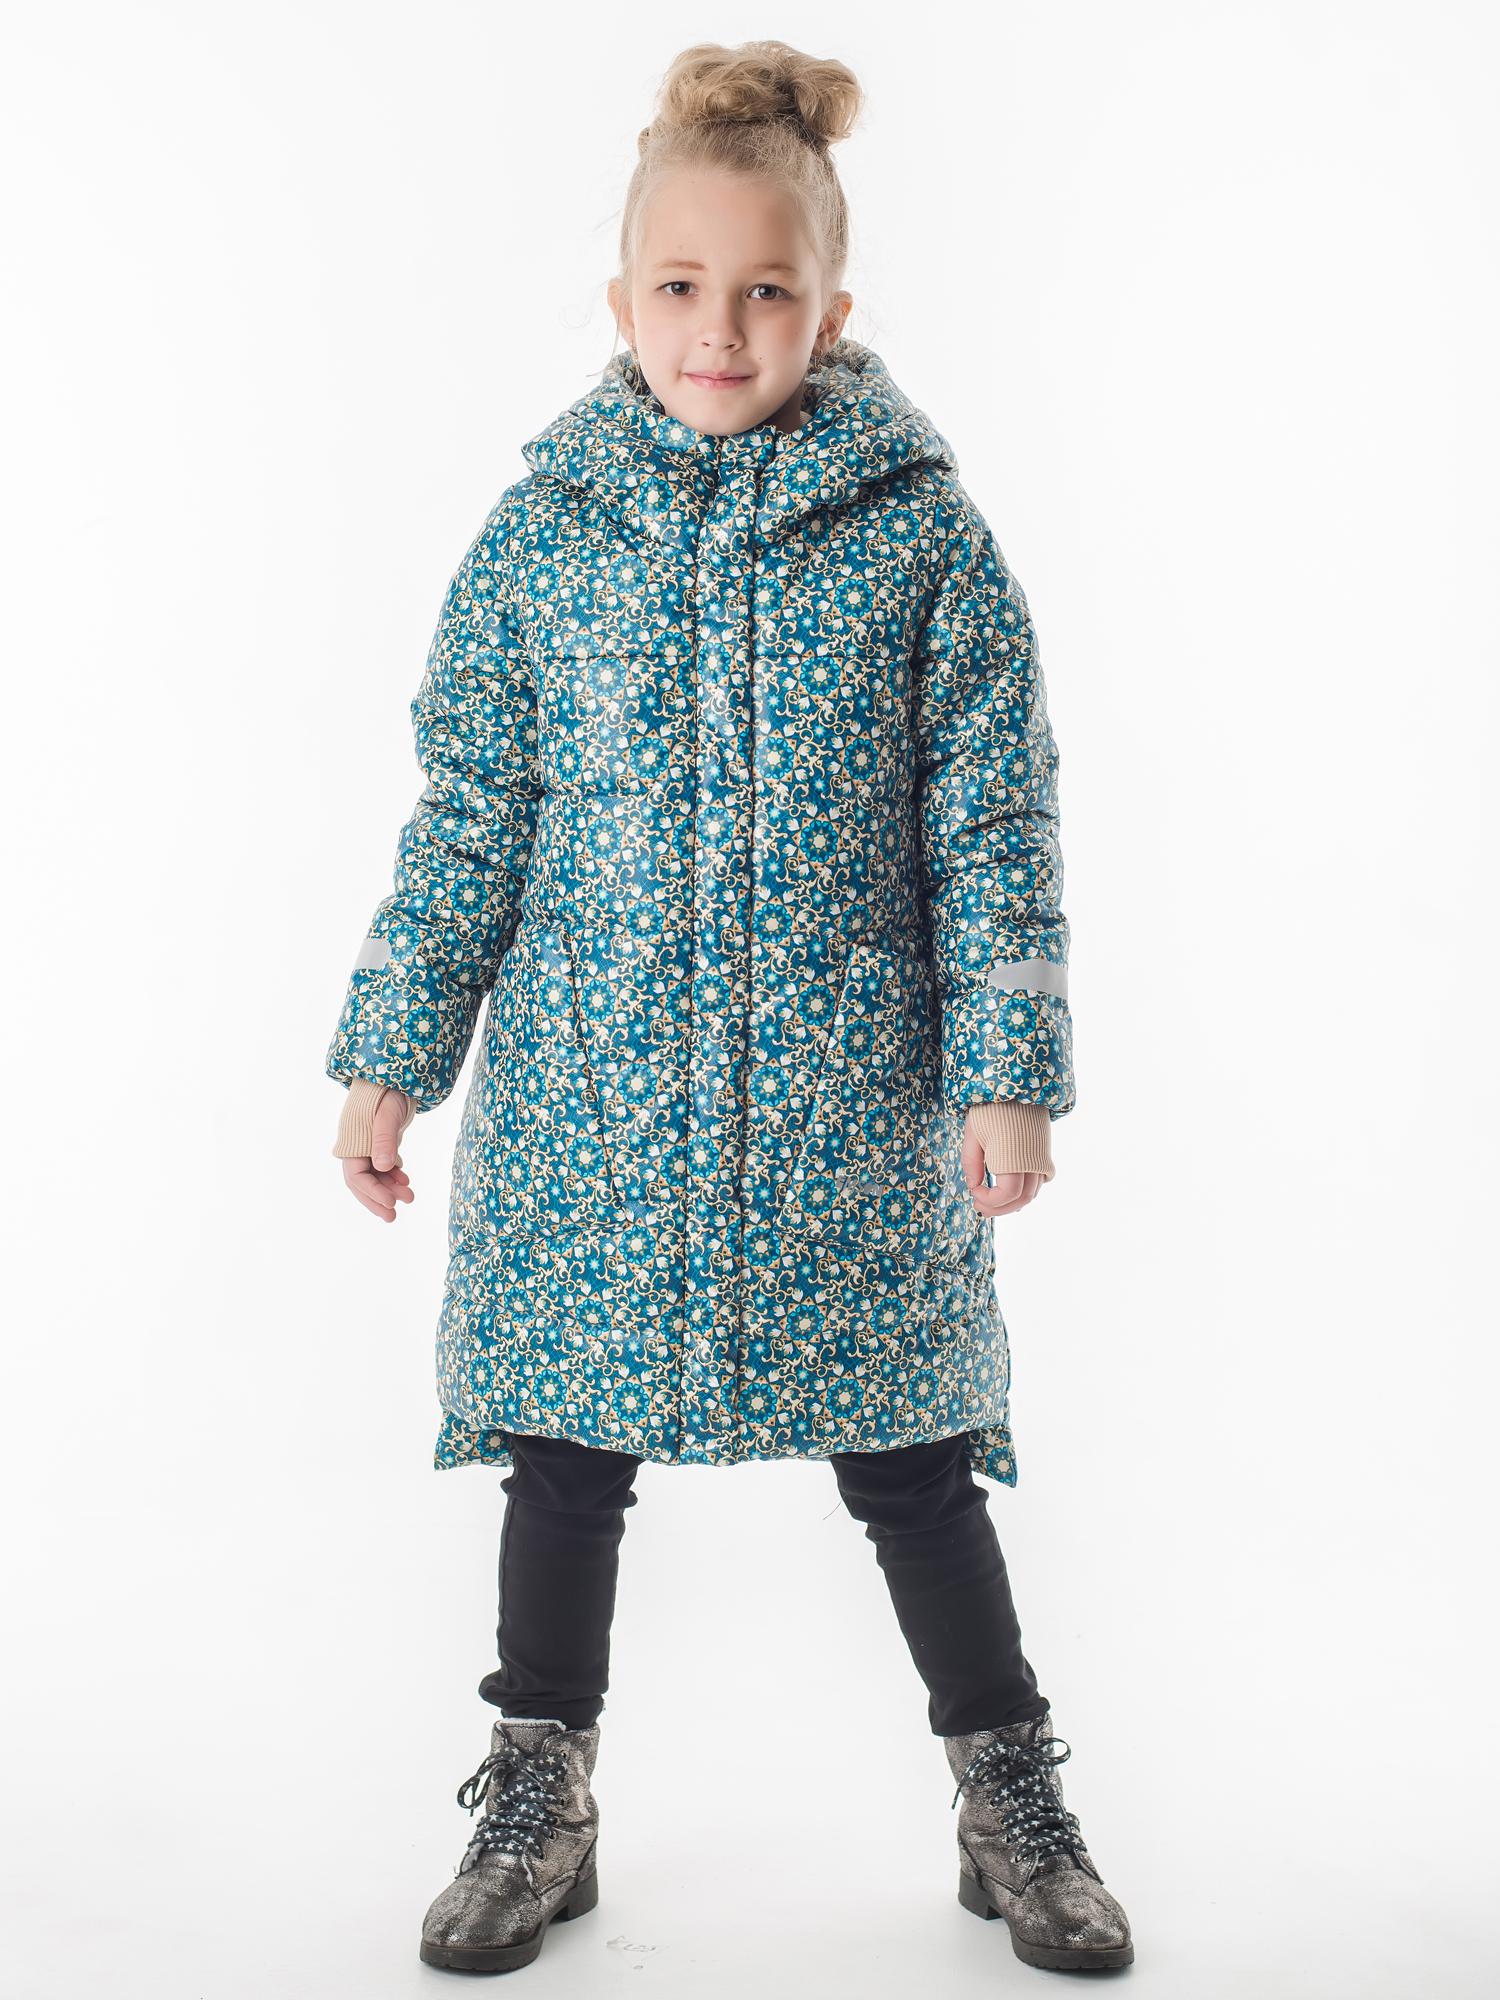 4887053926c Ева М 644 калейдоскоп купить Пальто - Зима - Интернет-магазин ...